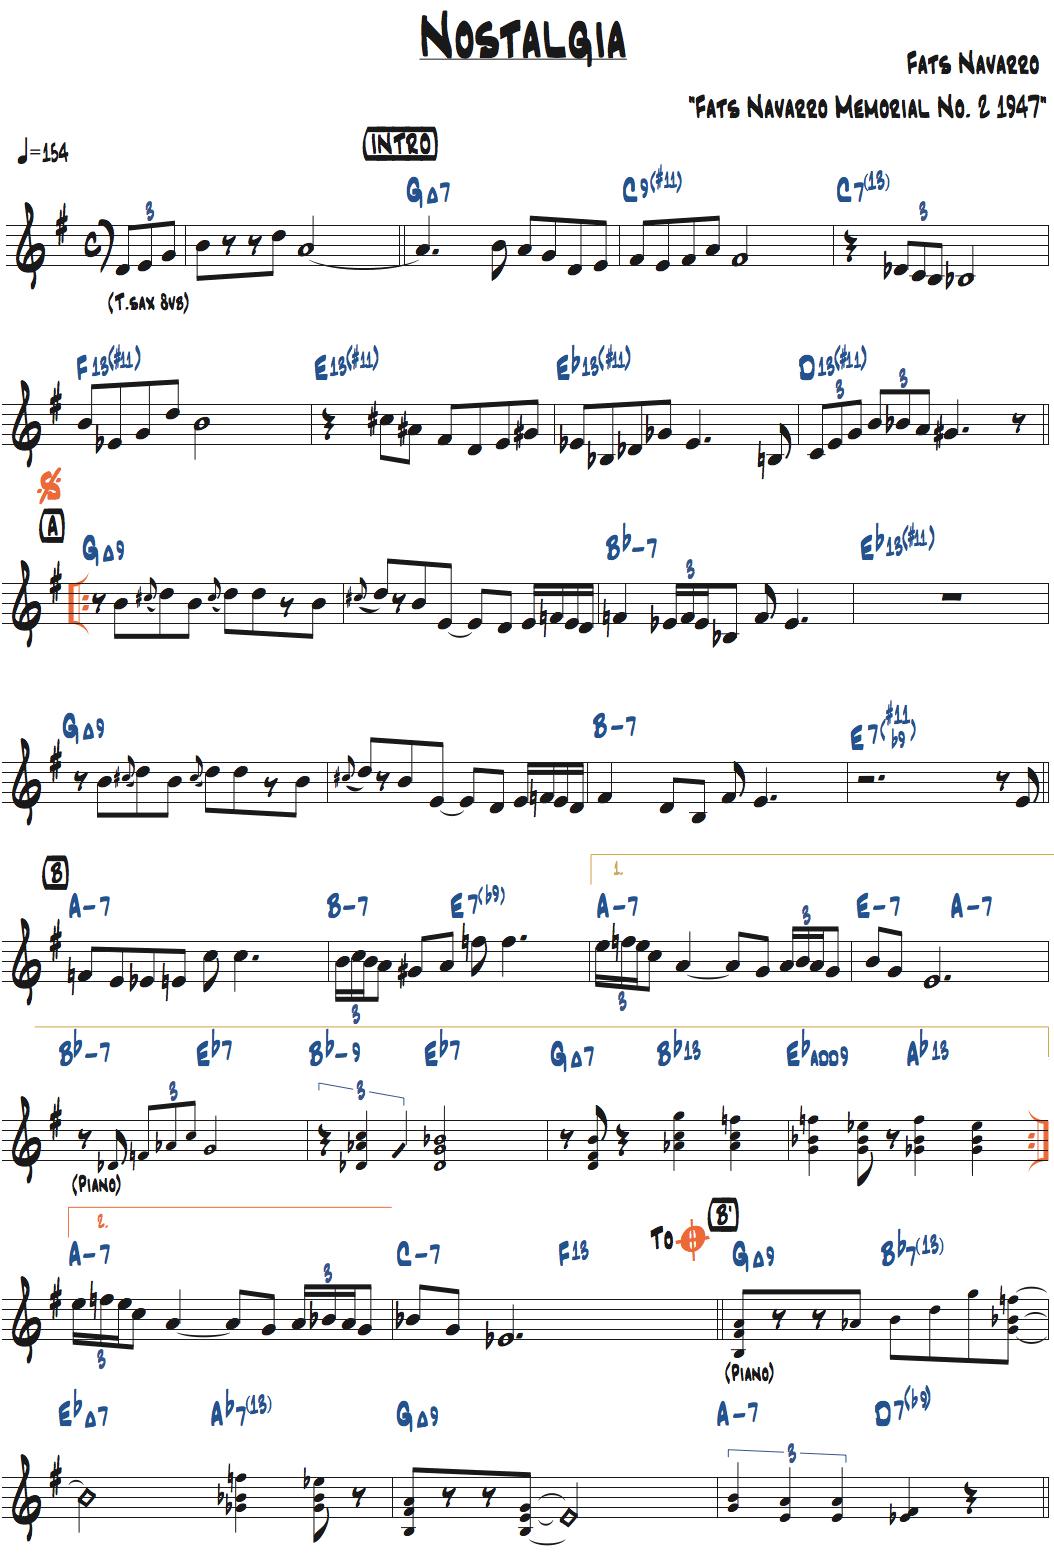 ファッツ・ナヴァロ作曲 nostalgiaのリードシート・ページ1楽譜